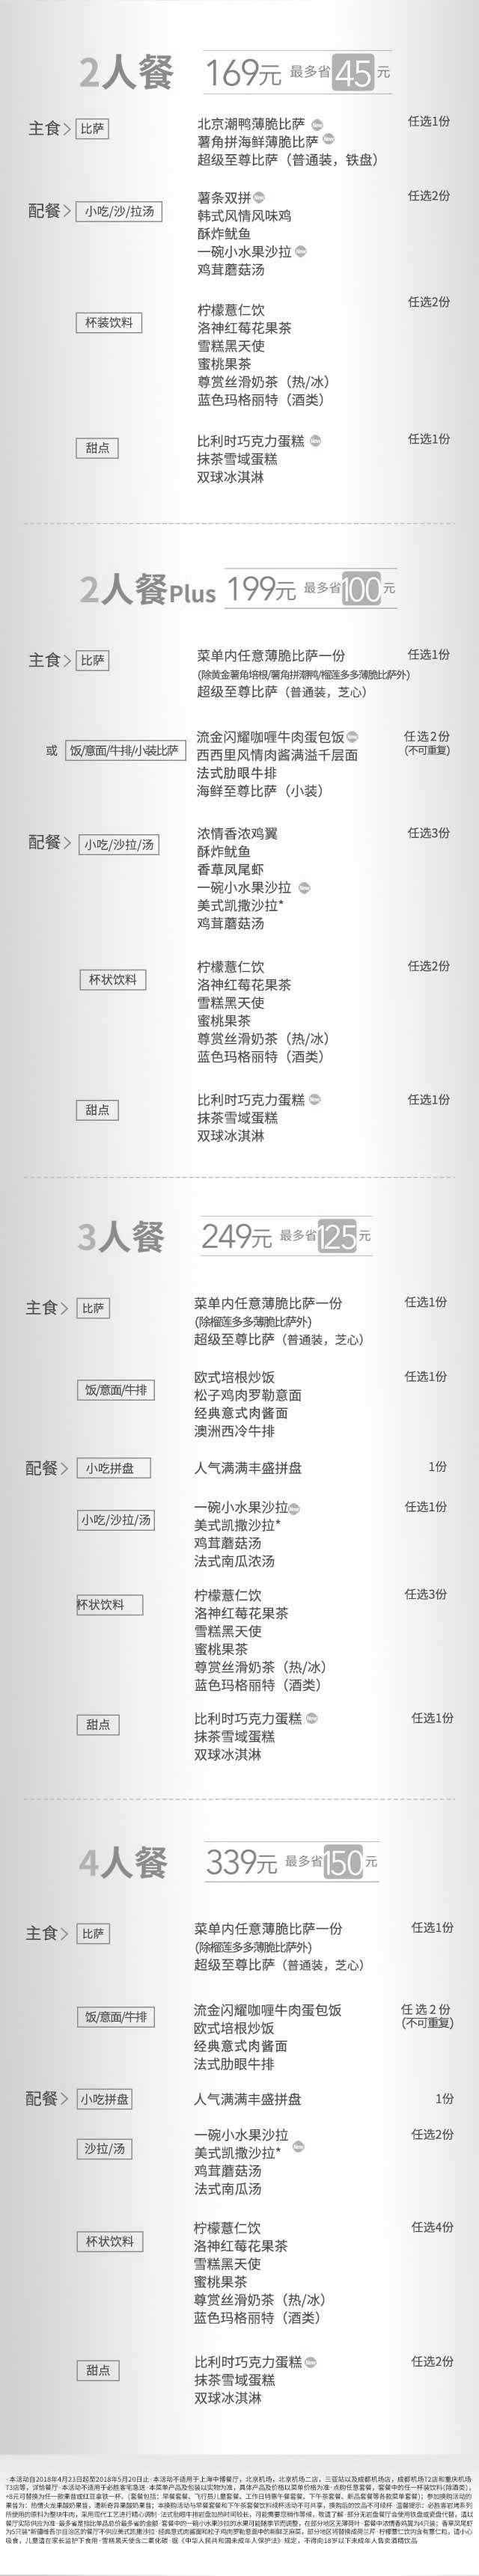 黑白优惠券图片:必胜客薄脆比萨套餐,2人餐169元起,3人套餐249元,4人套餐339元 - www.5ikfc.com